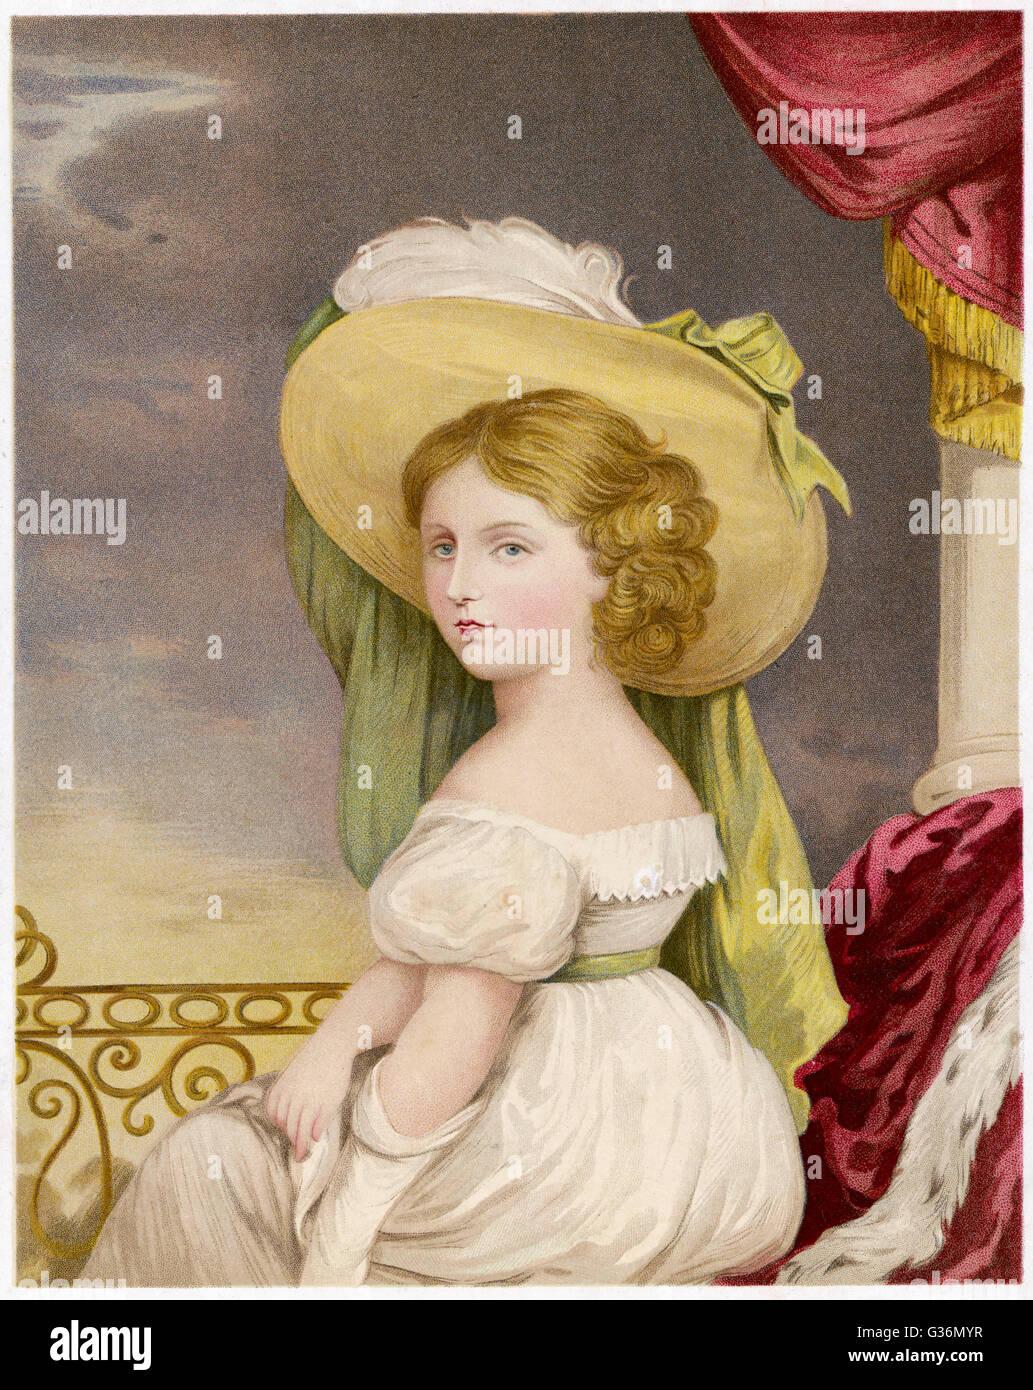 La princesse Victoria (1819-1901) à l'âge de 12 ans Photo Stock